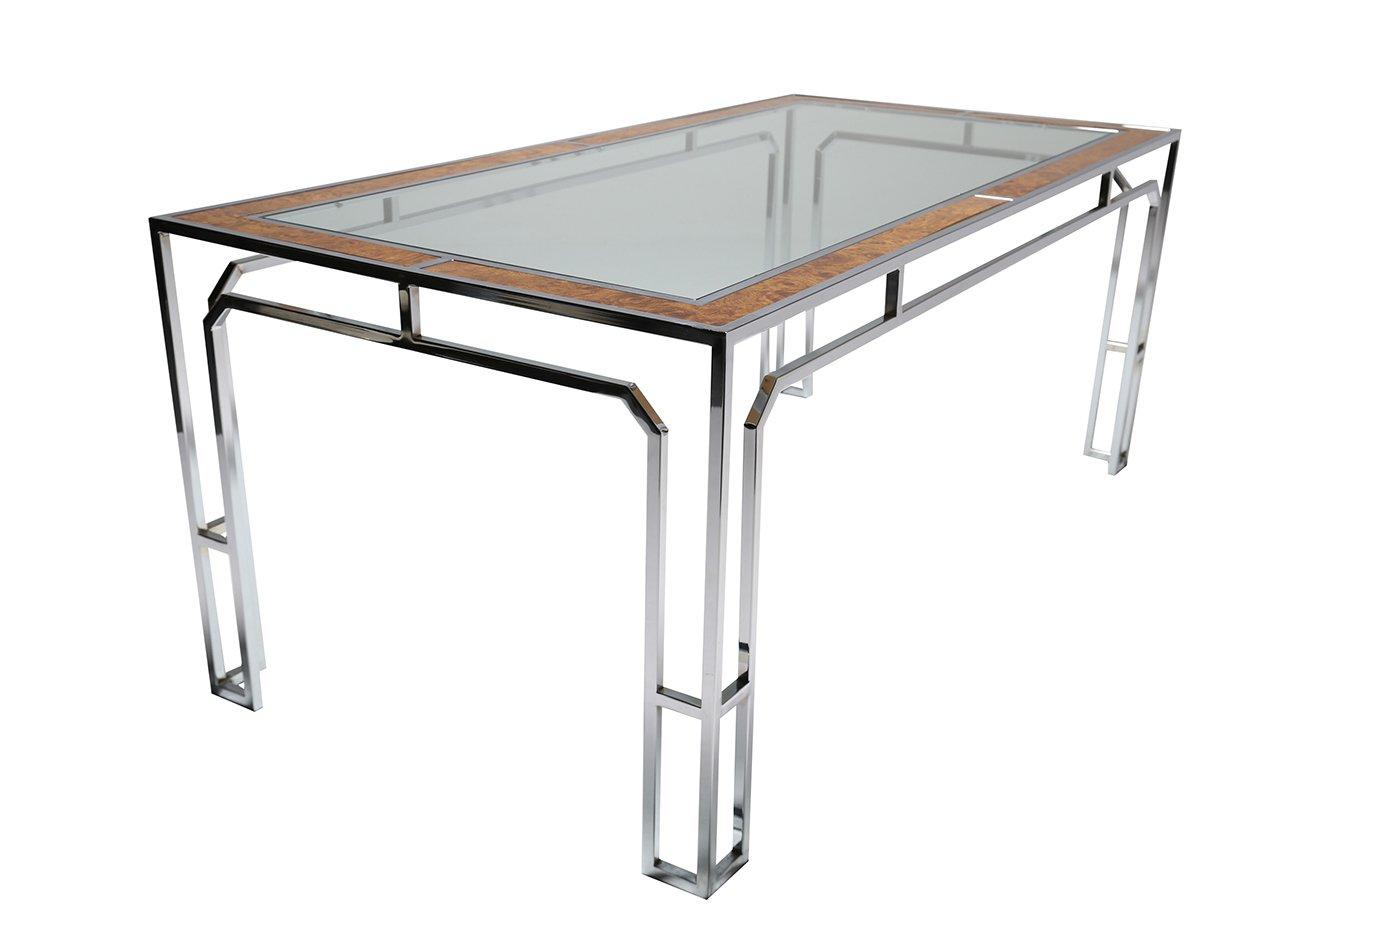 Table de salle manger en verre et chrome 1970s en vente sur pamono - Table salle a manger en verre ...